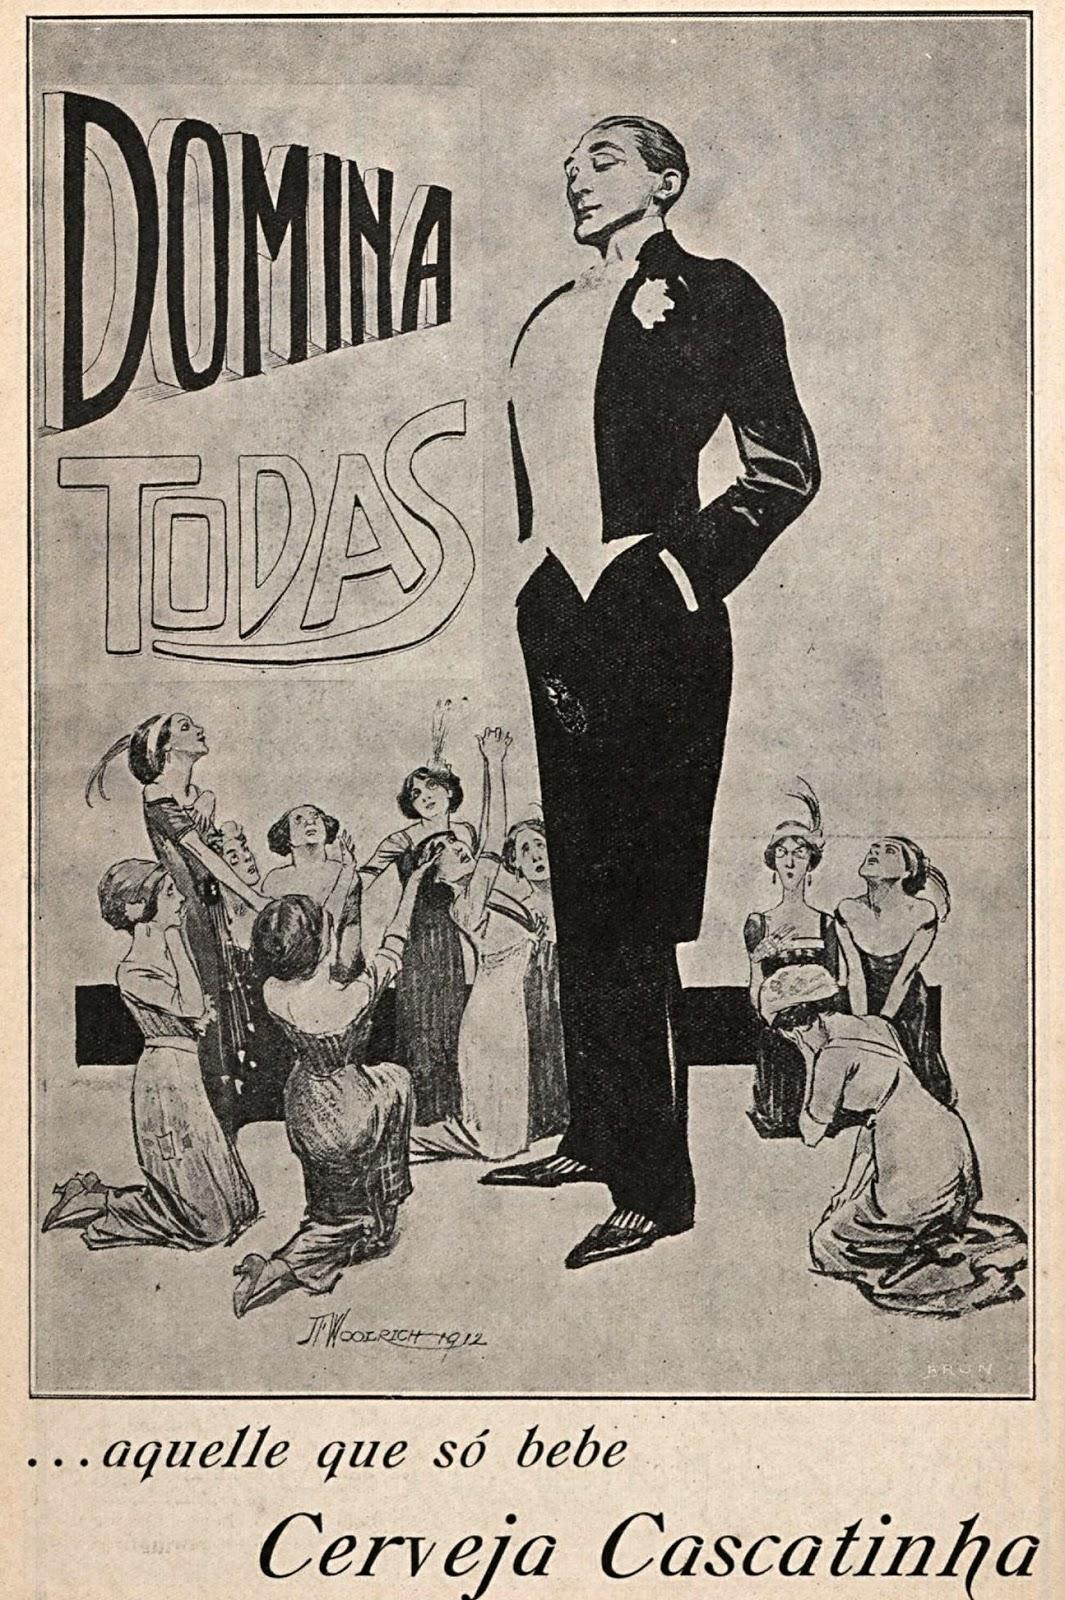 Propaganda antiga de 1914 que apresentava a Cerveja Cascatinha com uma comunicação que inferiorizava as mulheres